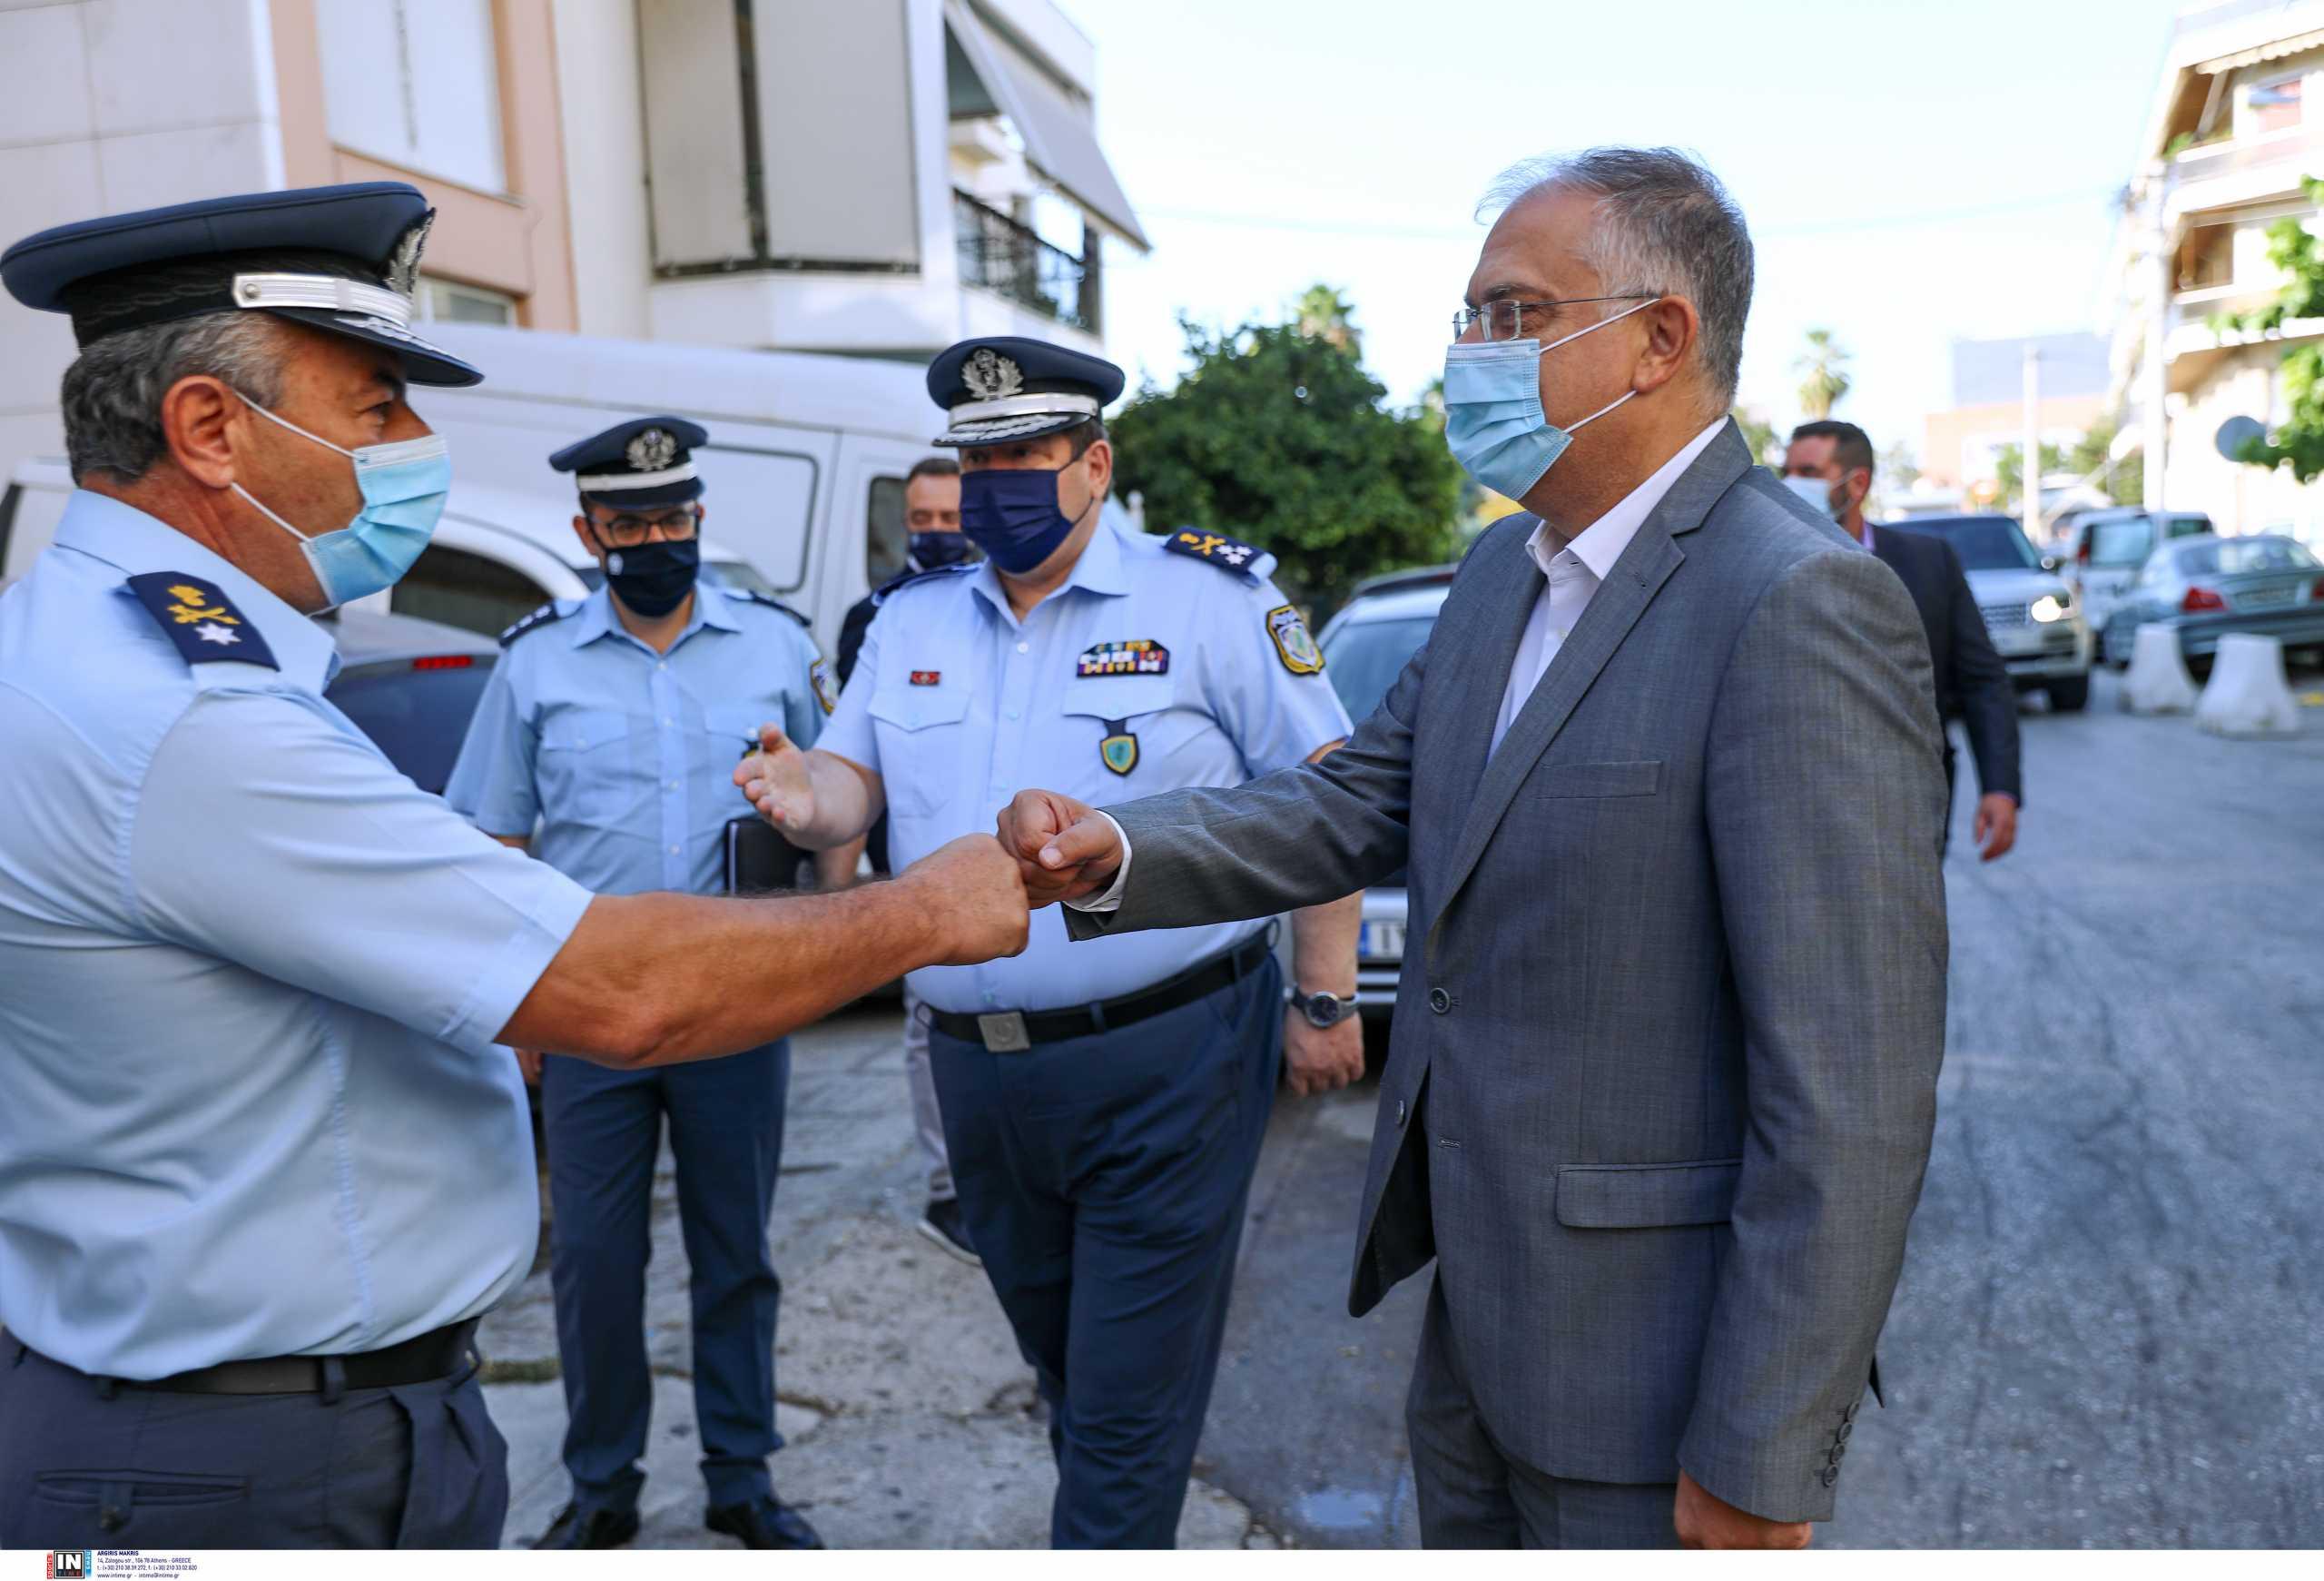 Τάκης Θεοδωρικάκος: Προανήγγειλε ψηφιοποίηση υπηρεσιών για να βγουν περισσότεροι αστυνομικοί στους δρόμους